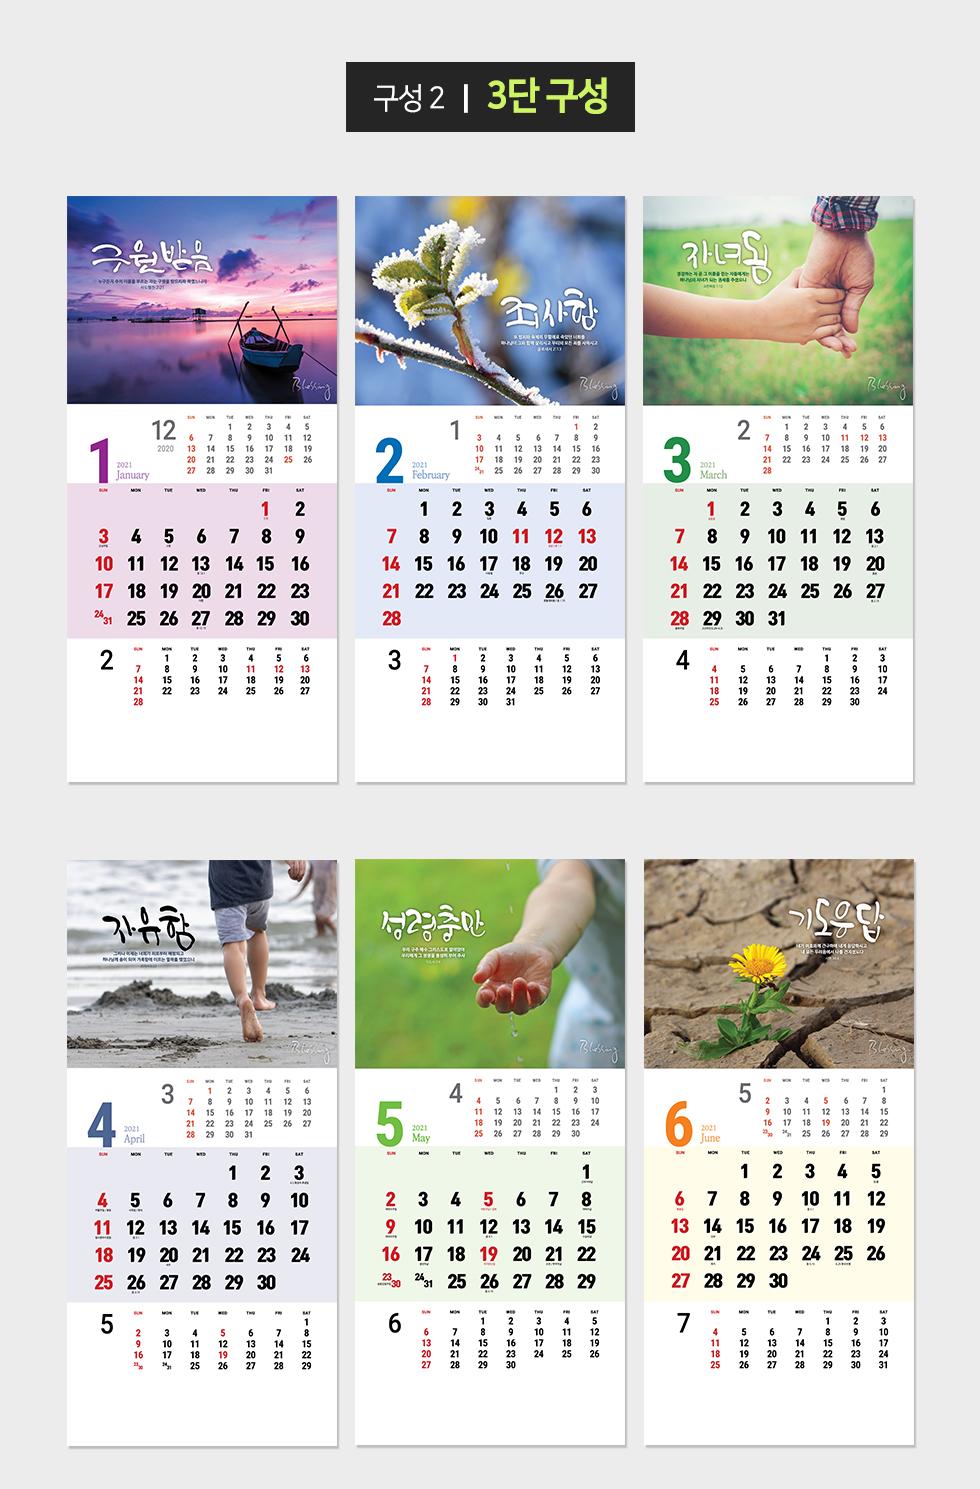 2021년 벽걸이달력 축복 Blessing - 구성1)3단구성 전체디자인 1월부터 6월까지